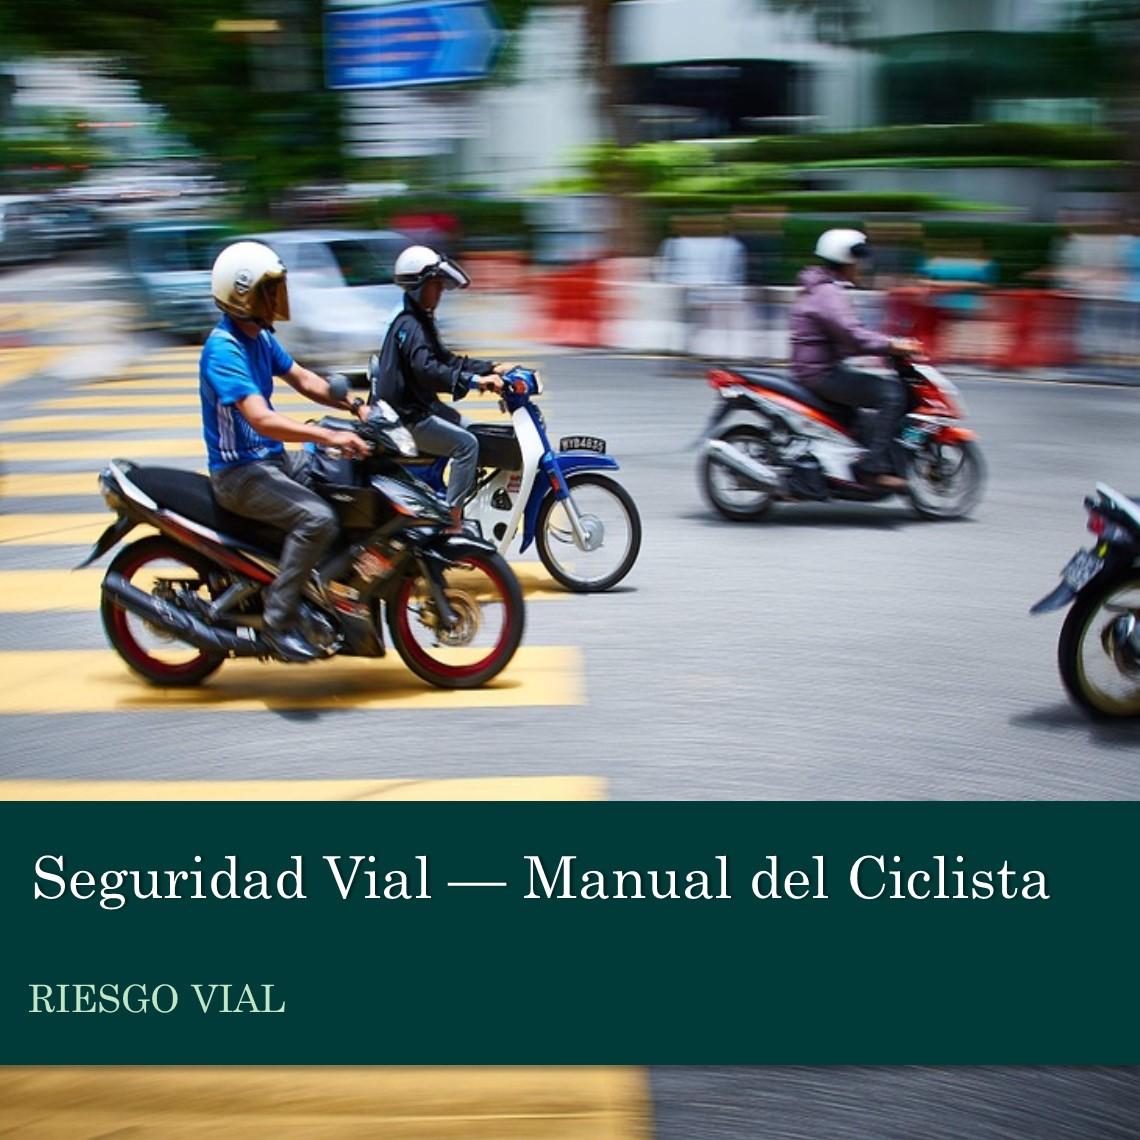 Seguridad Vial - Manual Motociclista